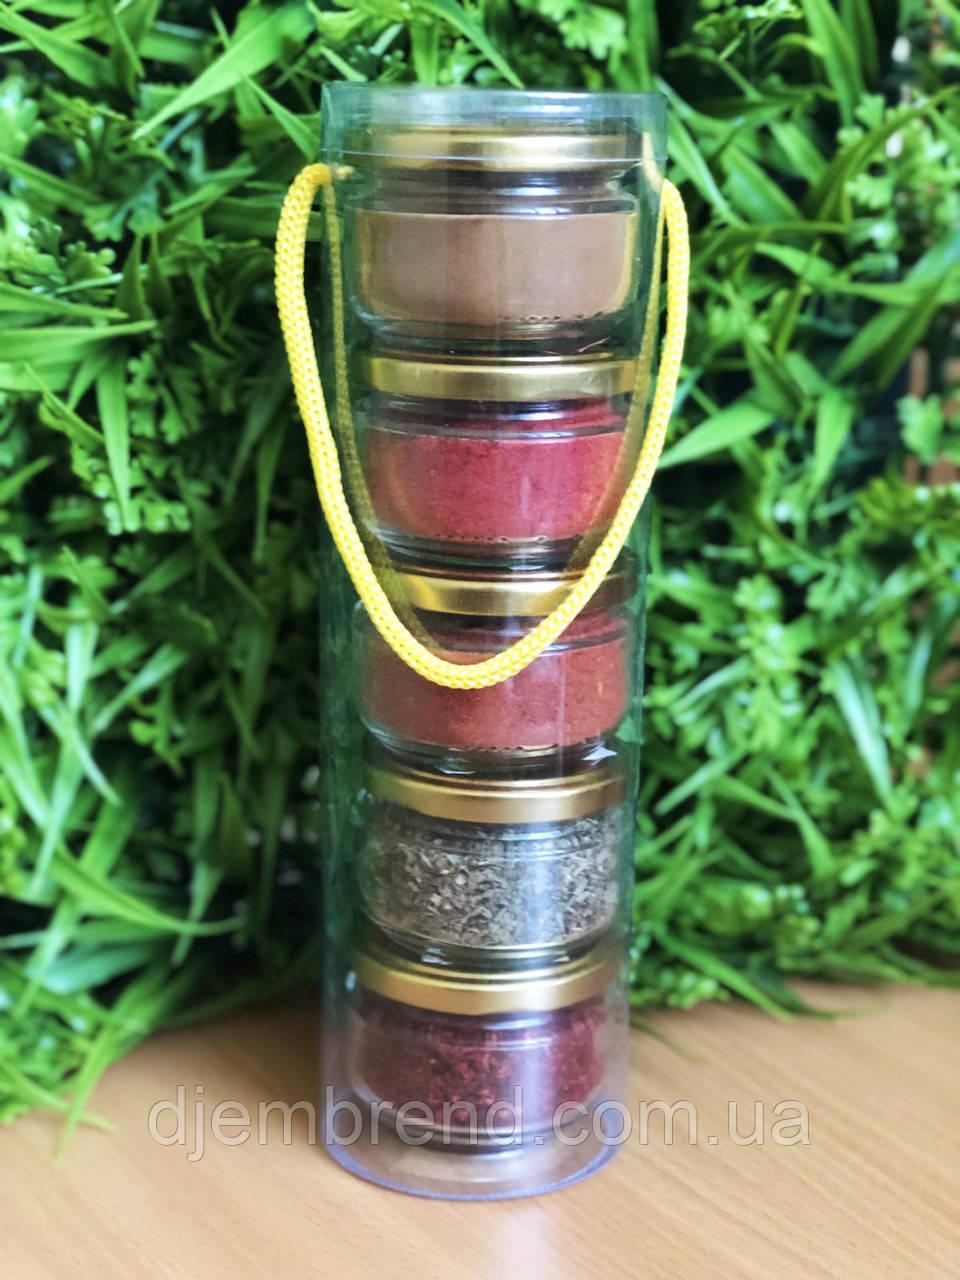 Подарочный набор из специй : базилик, для мяса, майоран, аджика, гвоздика